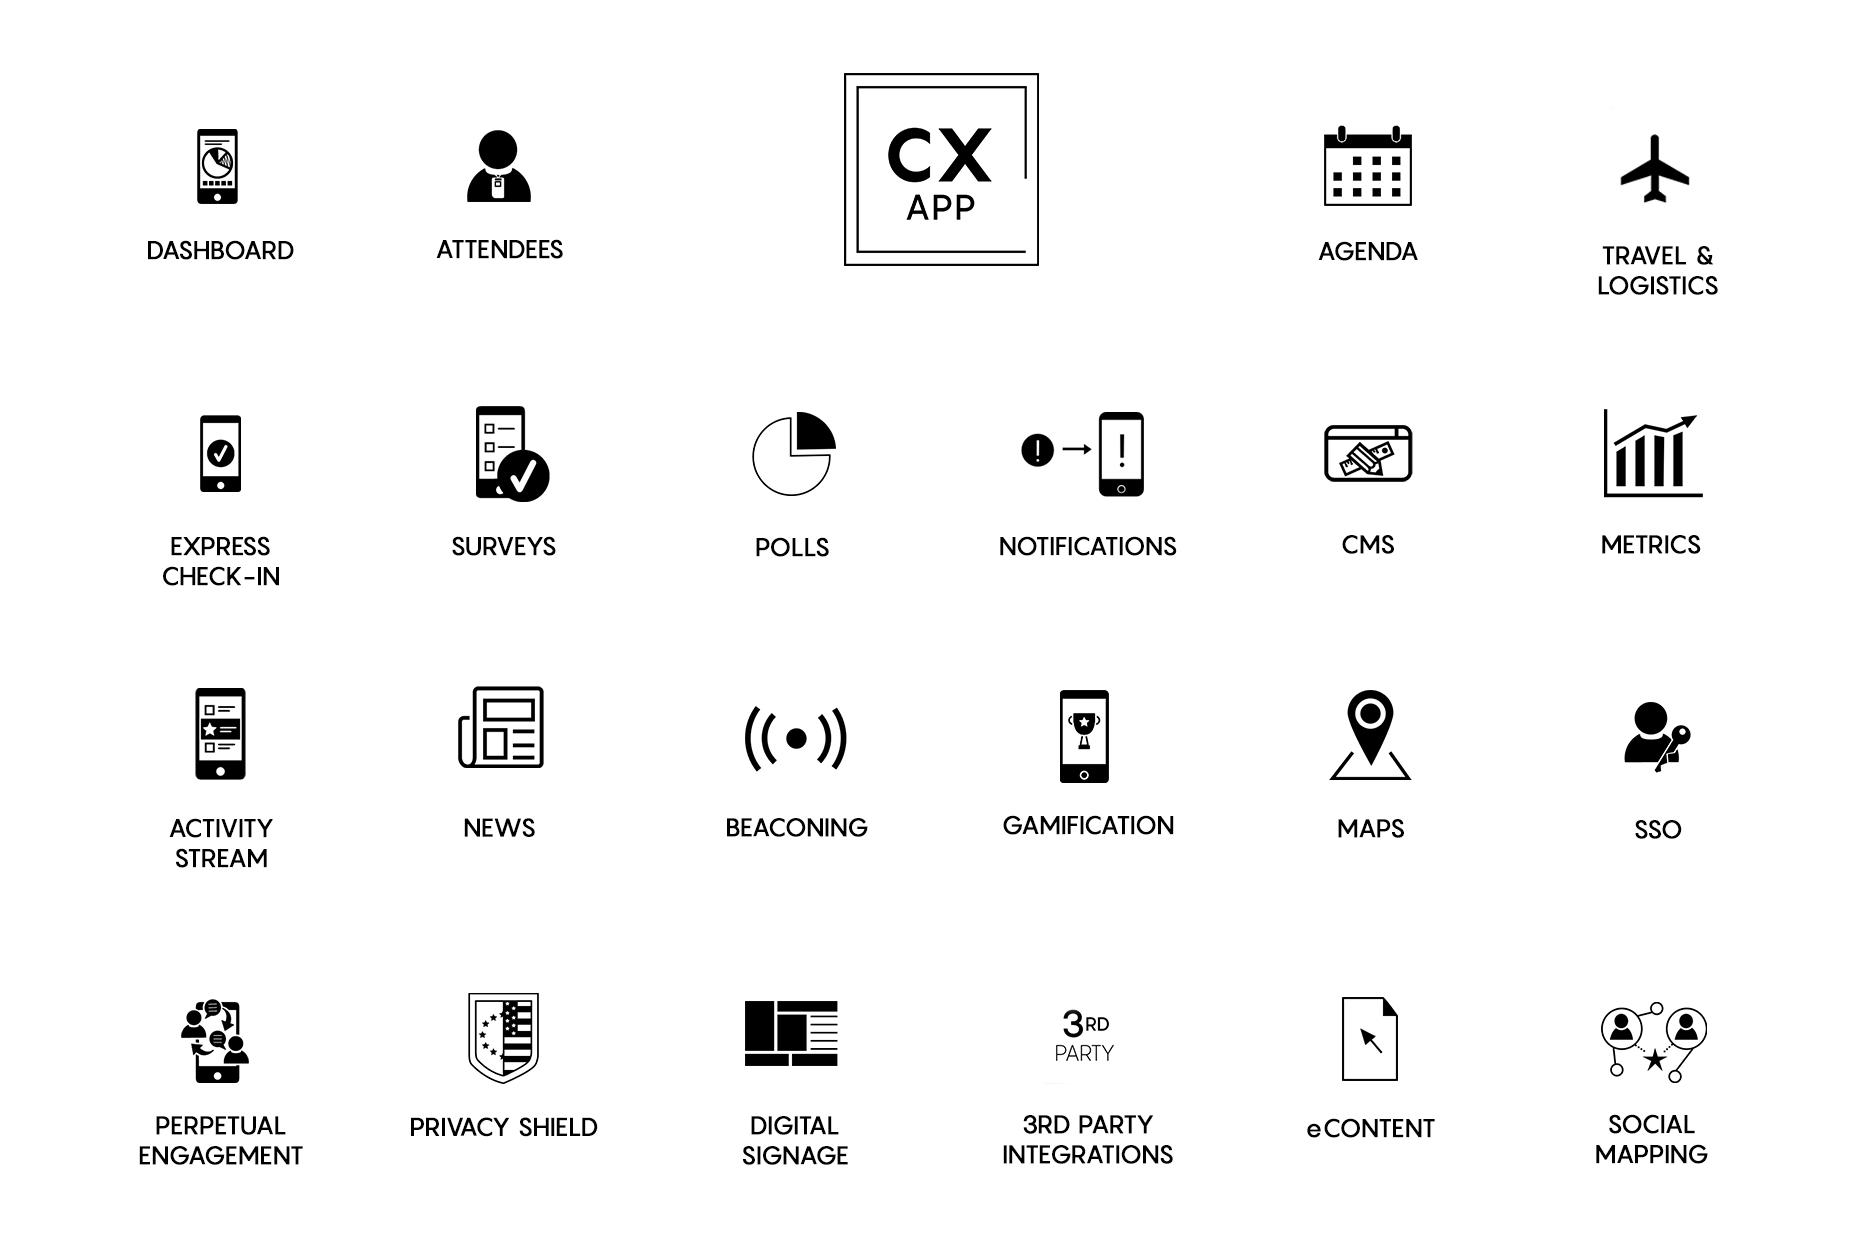 cxapp.io meetings features